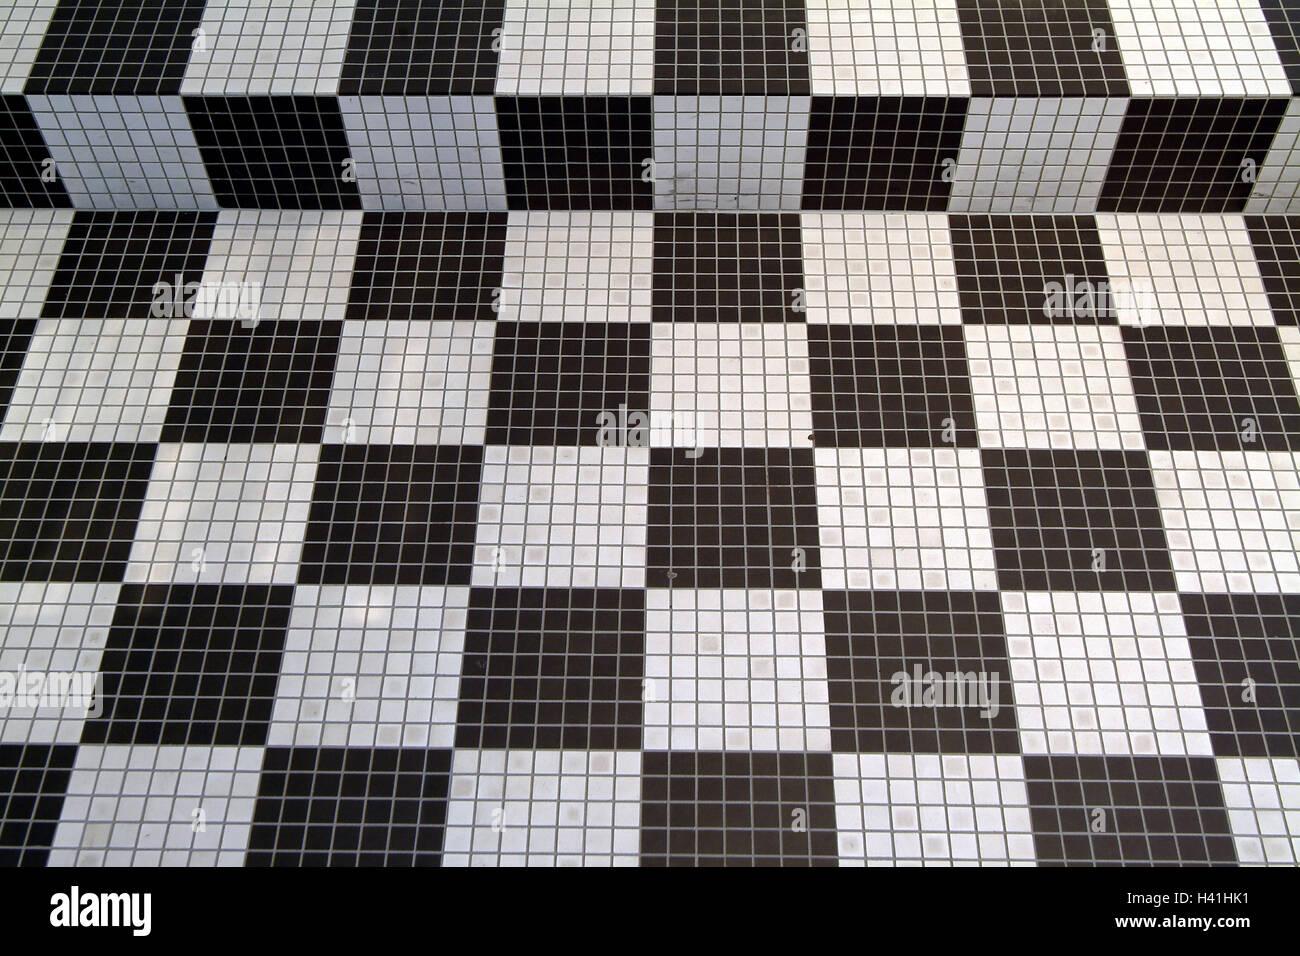 Pavimento piastrellato nero e bianco dettaglio piano scale